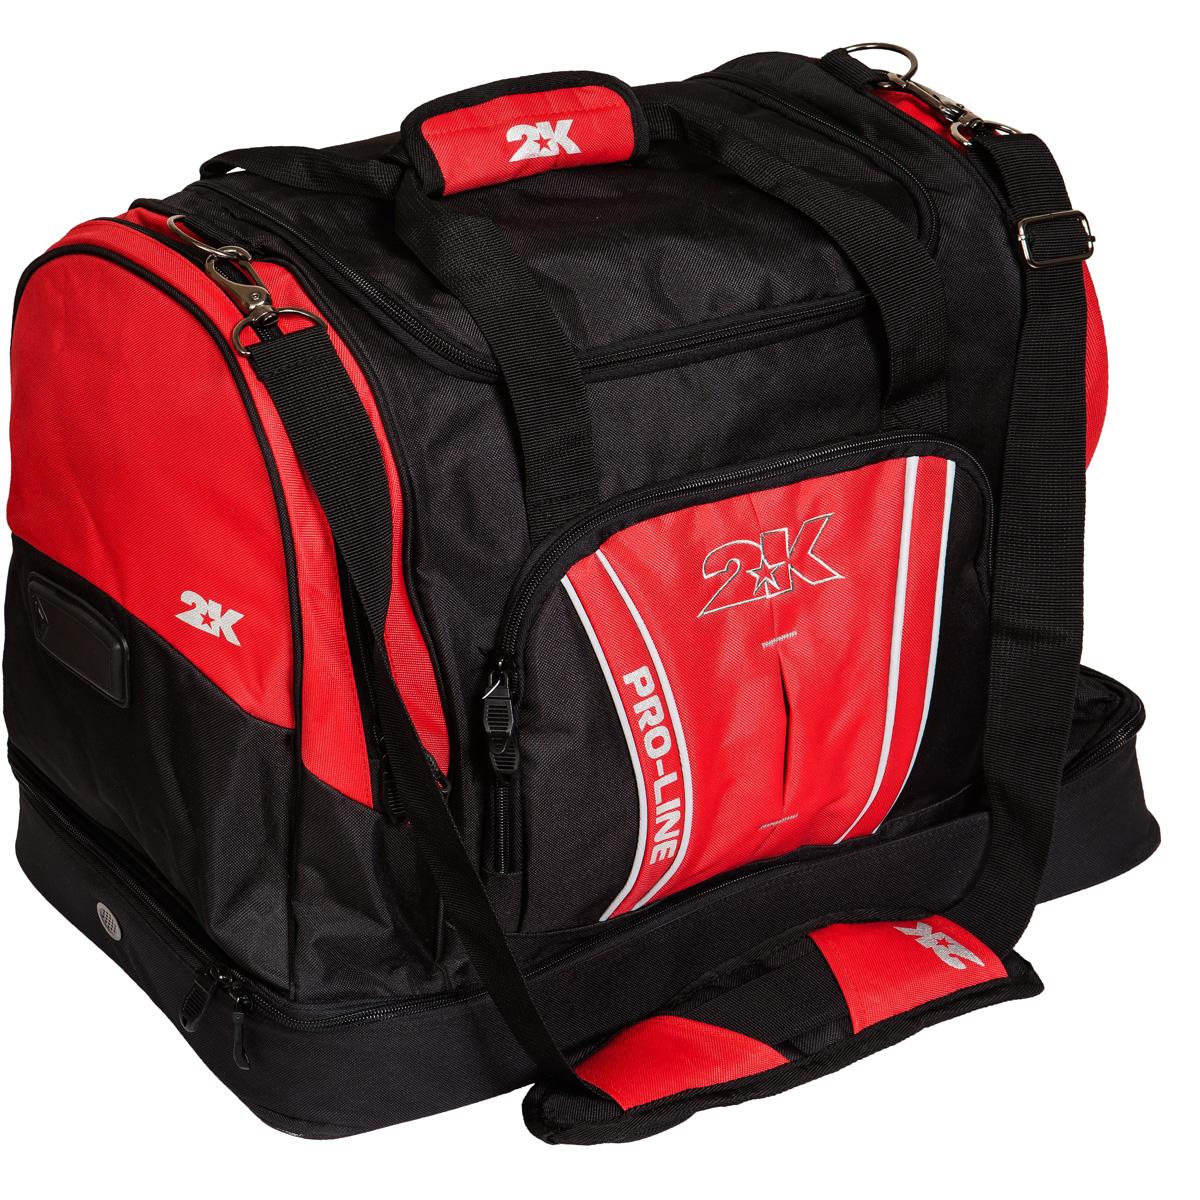 Сумка спортивная 2K Sport Tampa, цвет: черный, красный. 128124128124-black-redСпортивная сумка с двойным дном для обуви 2K Sport Tampa. Можно переносить в руке и на плече. Размер: 50х30х43 см. (ДхШхВ). Отстегивающийся ремень.